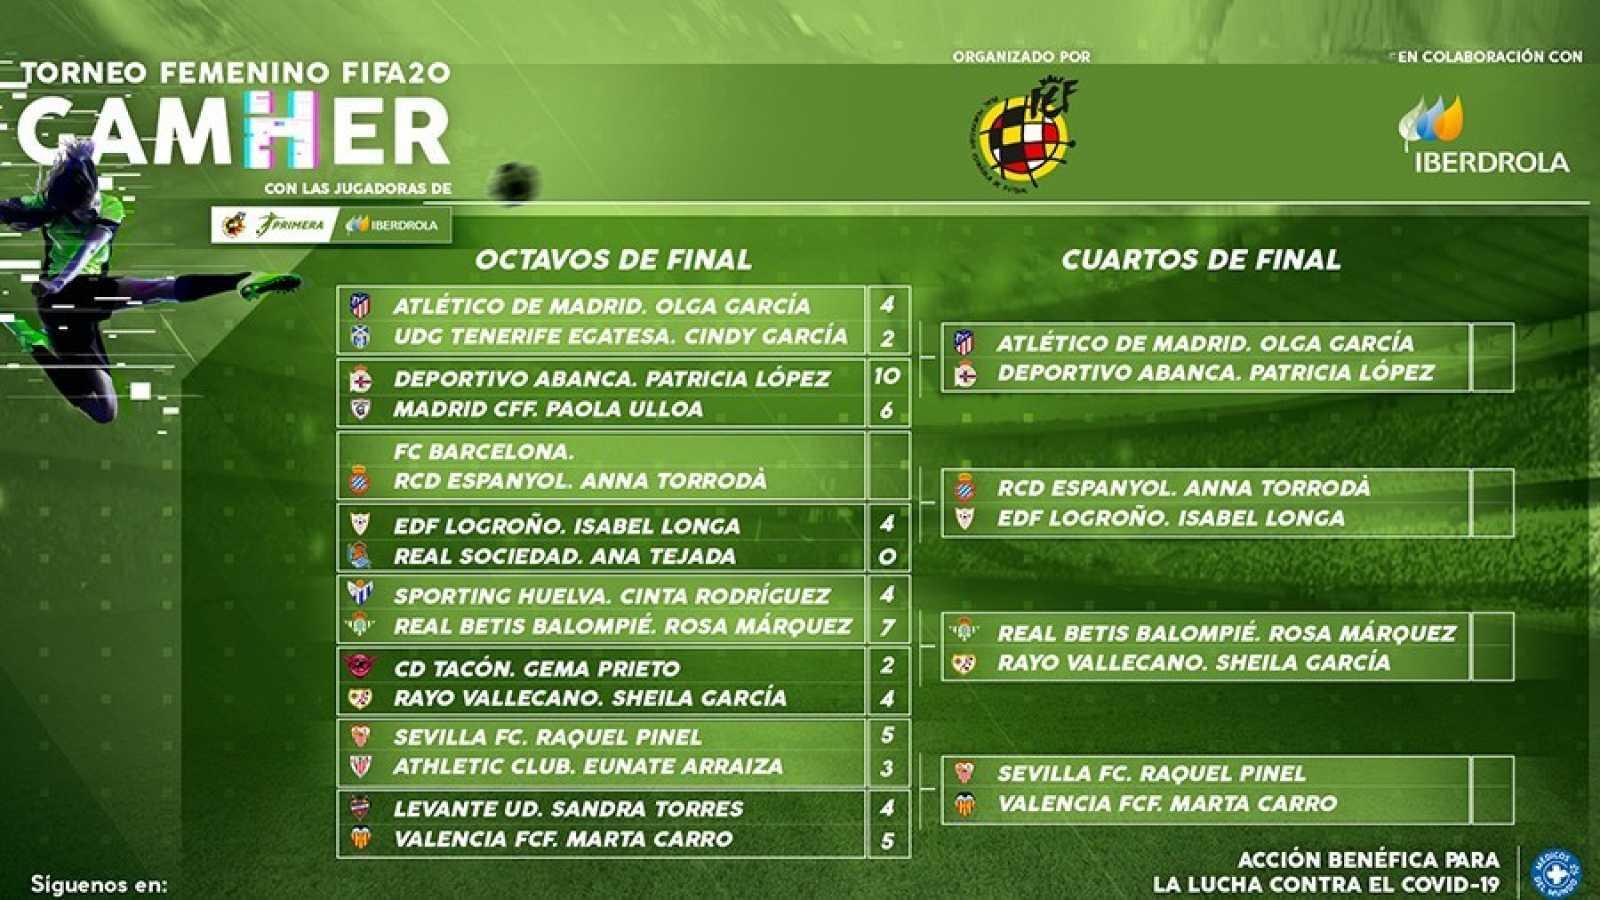 Imagen de los cruces de cuartos y semifinales del torneo online 'GamHer'